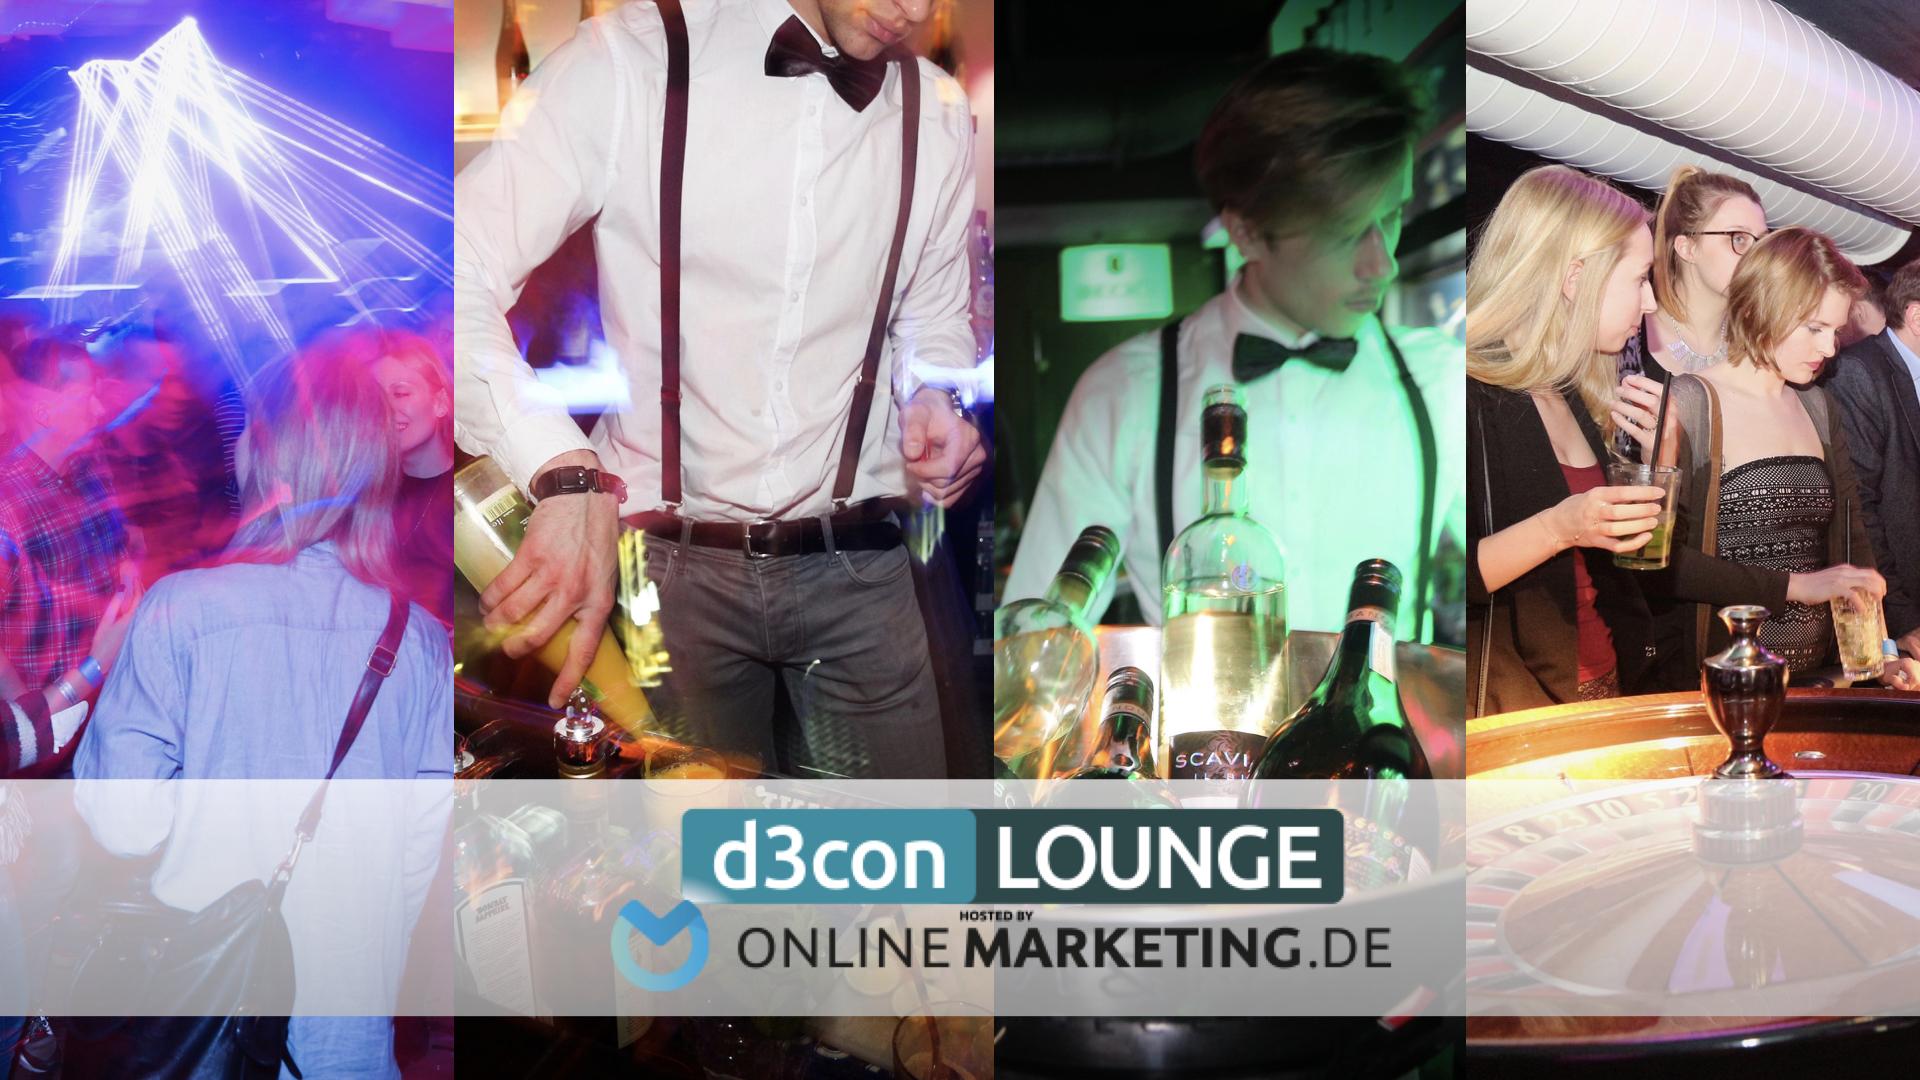 d3con-lounge-002